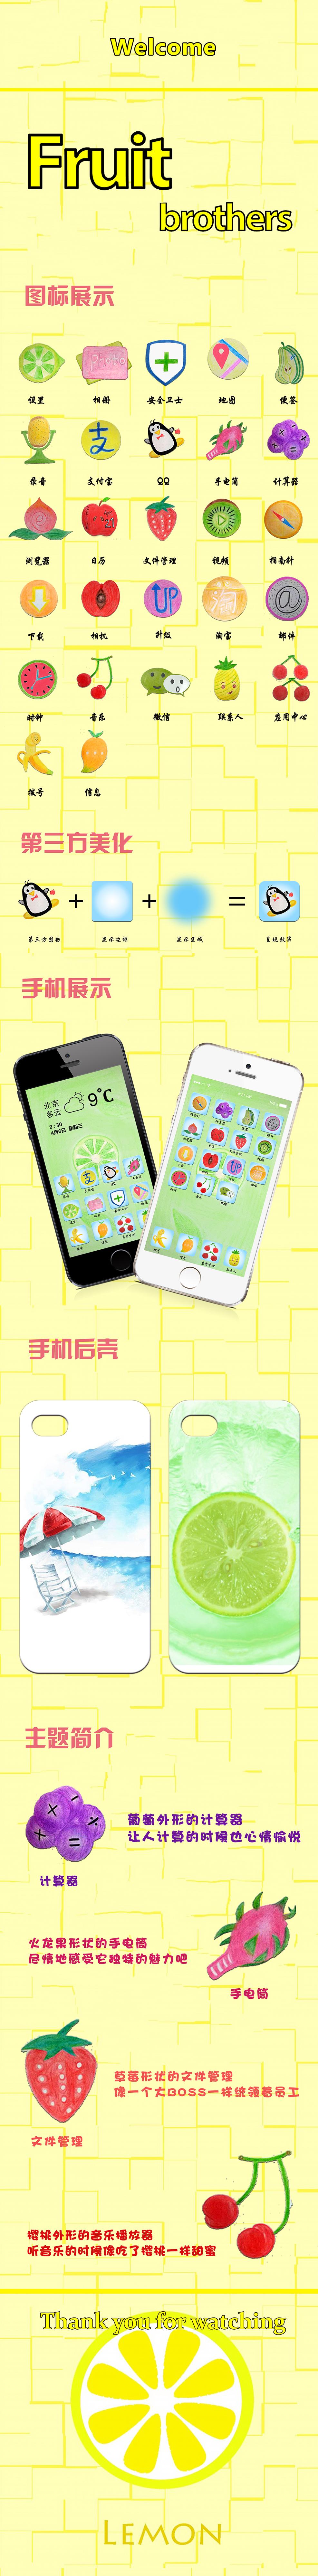 手绘水果手机图标